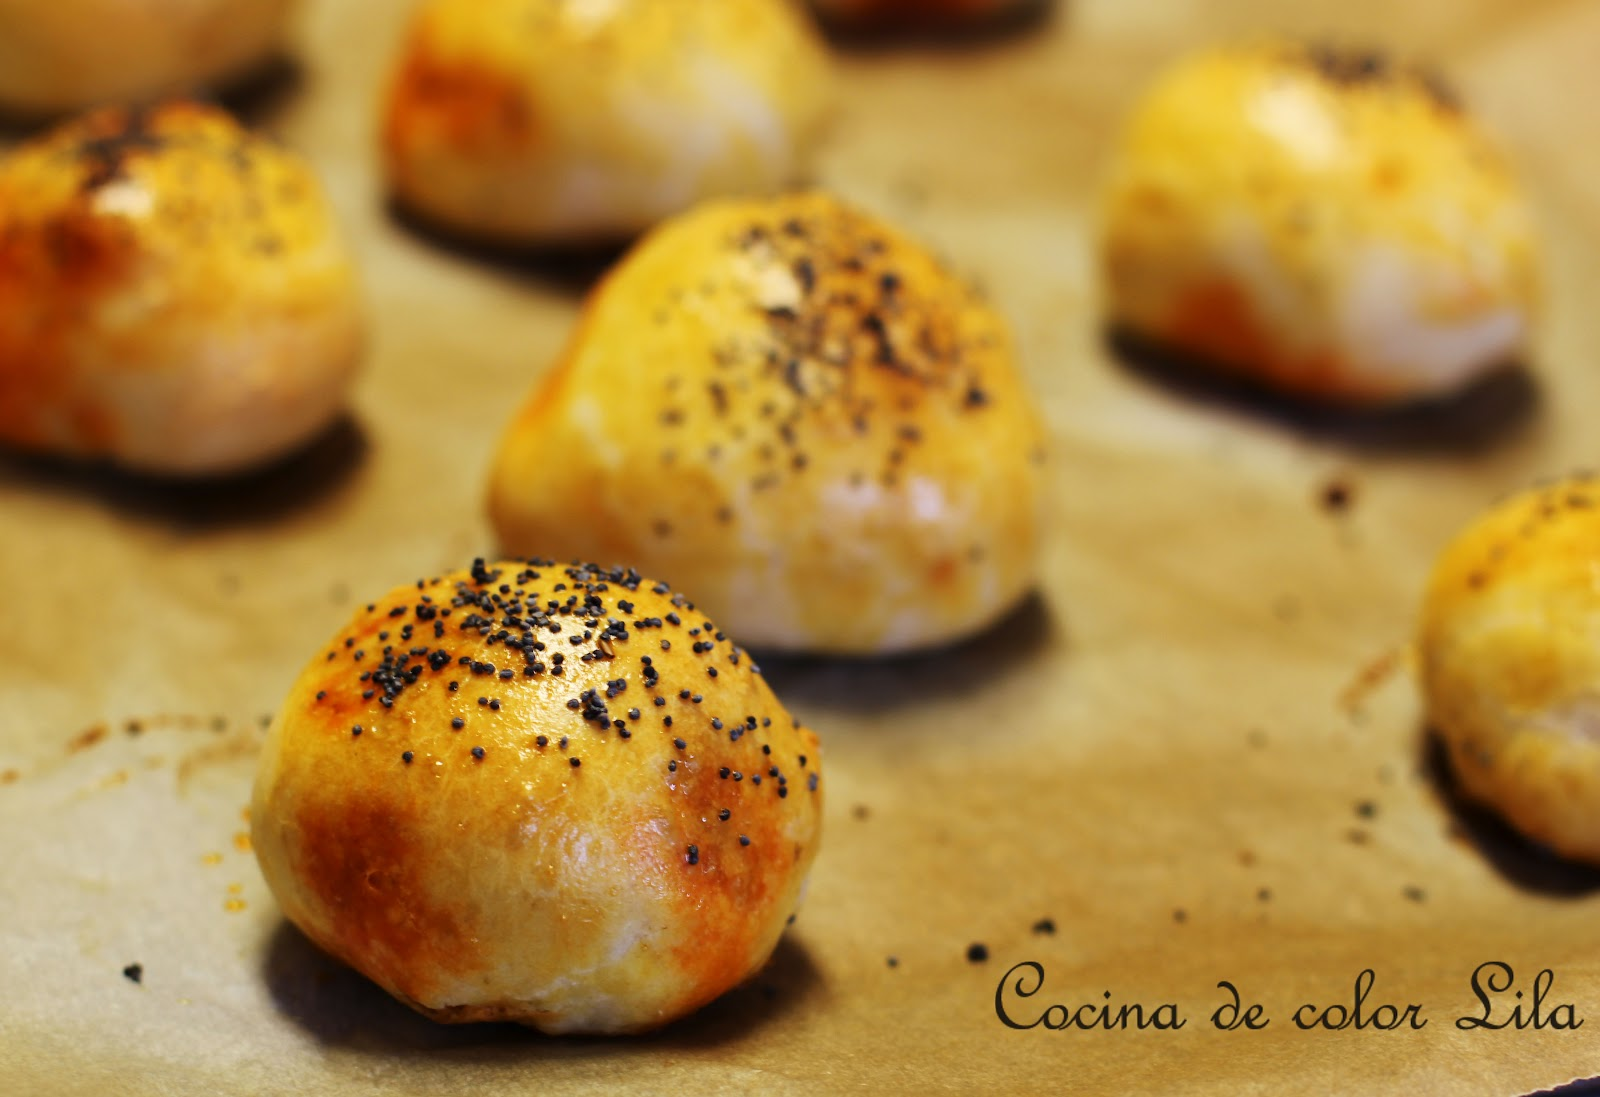 Único A Herir Bollos De Cocina Festooning - Ideas de Decoración de ...